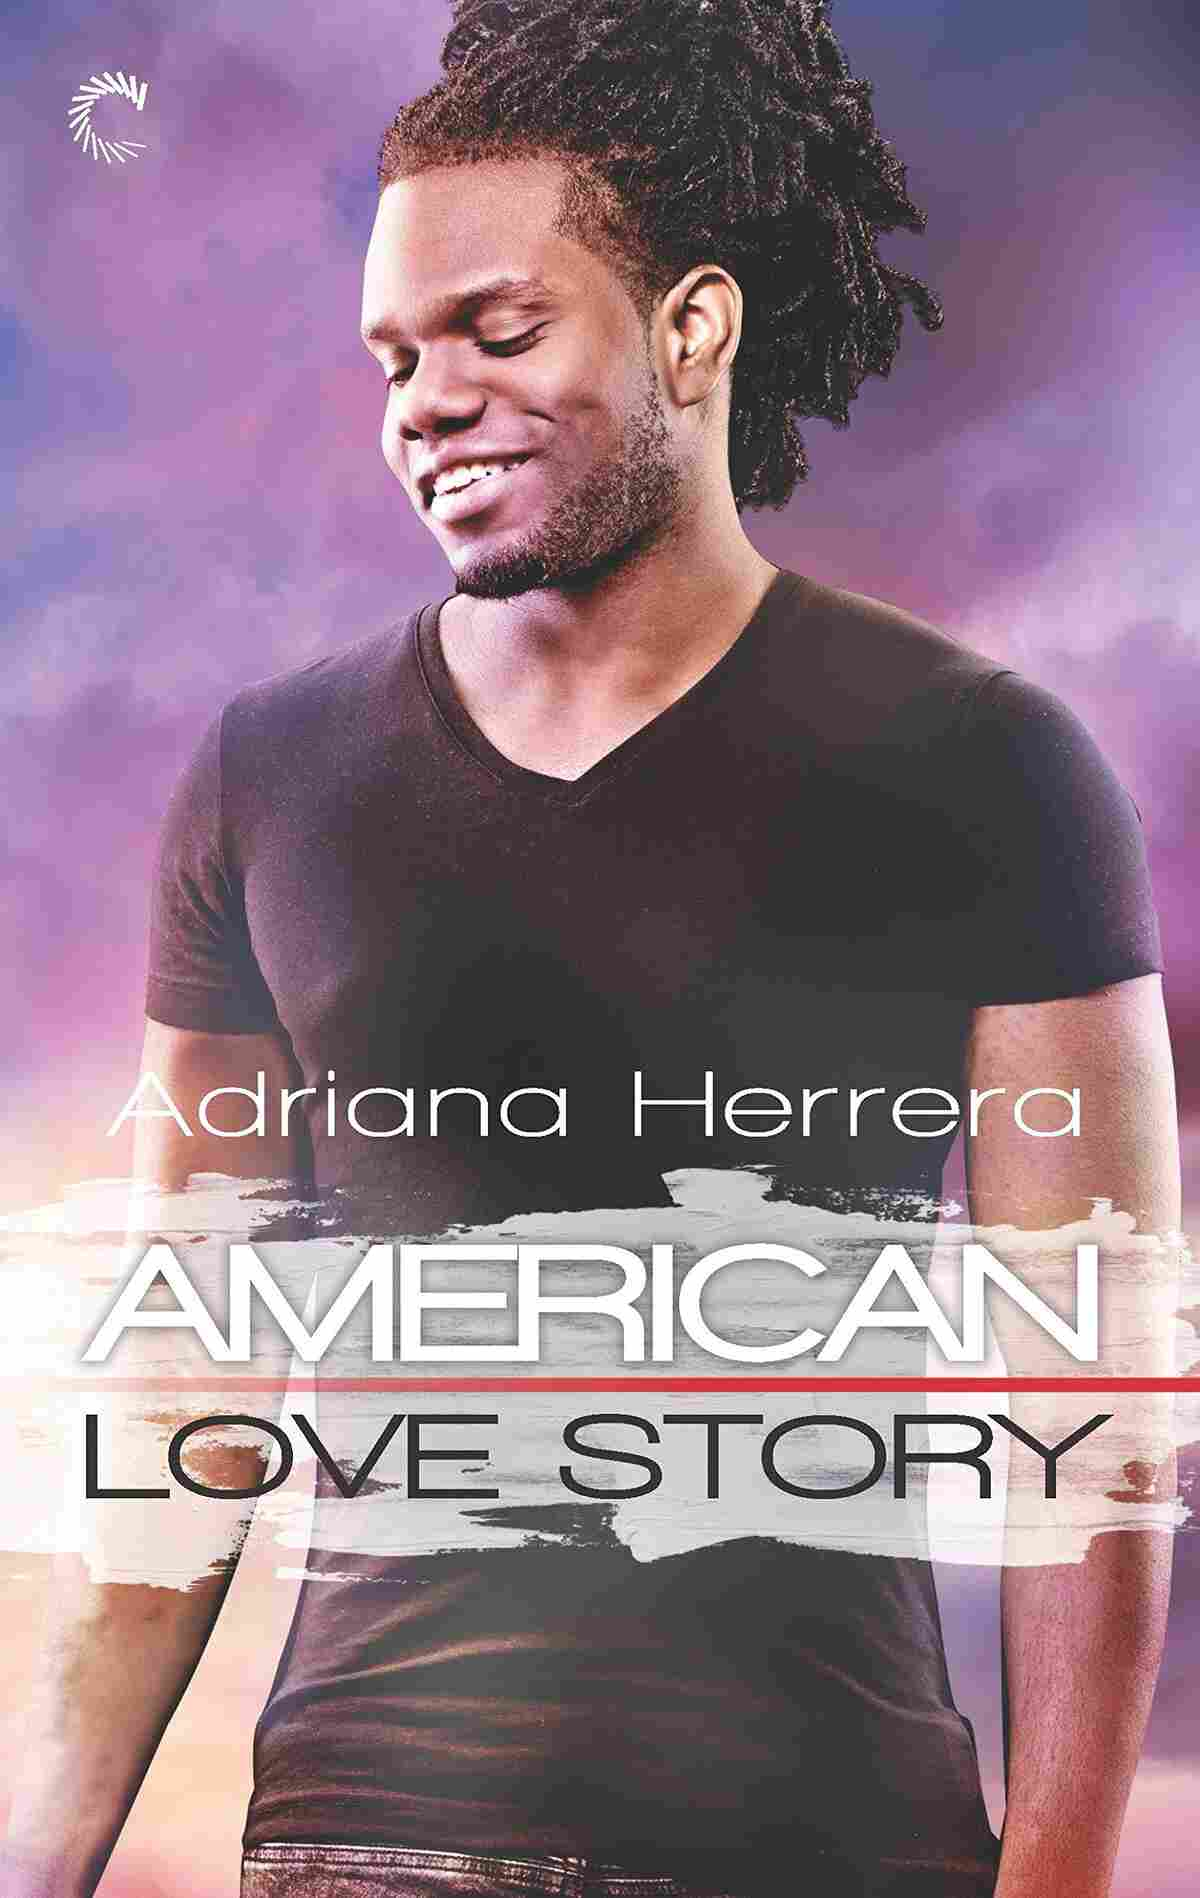 American Love Story, by Adriana Herrera